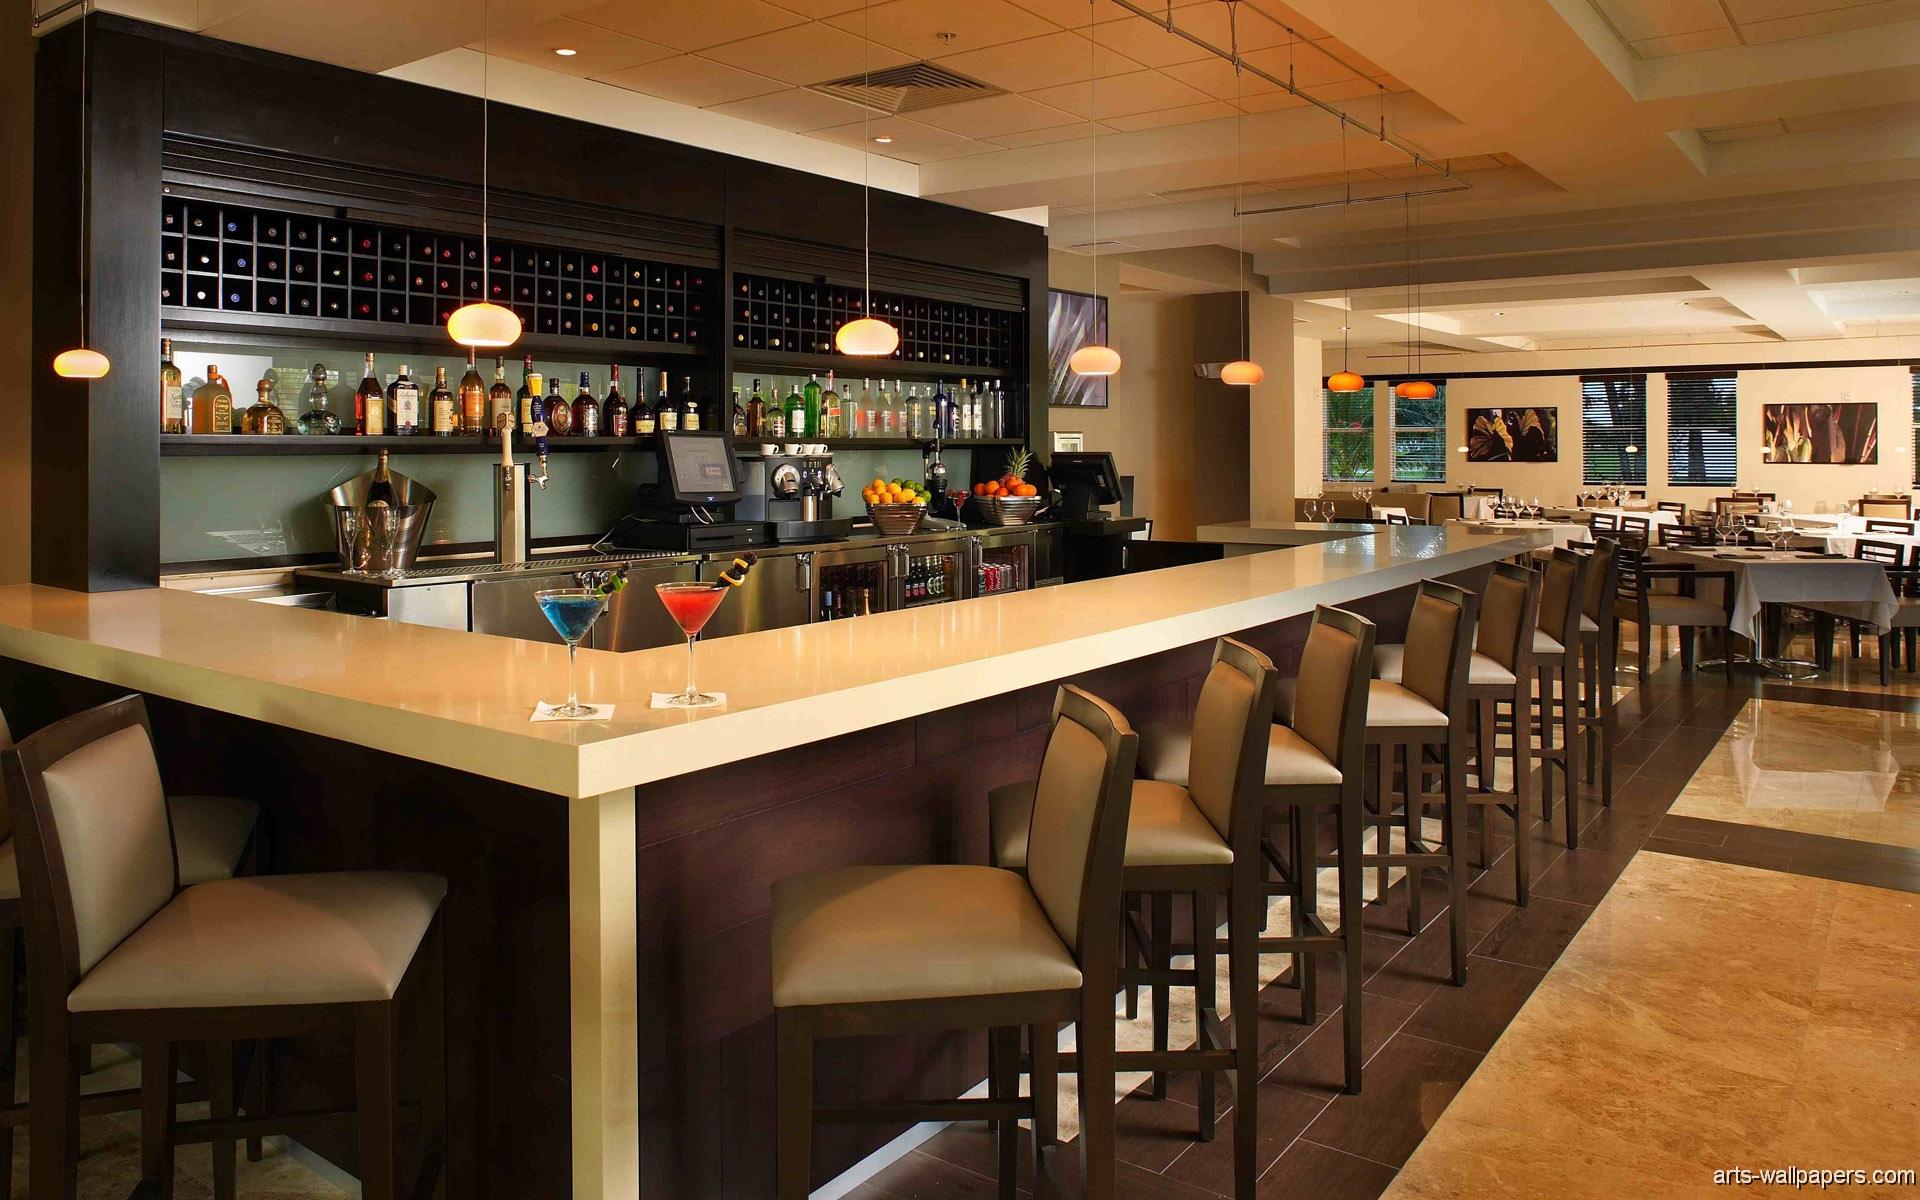 Restaurant Bar Interiors Posters, Art Print, Interiors Wallpaper